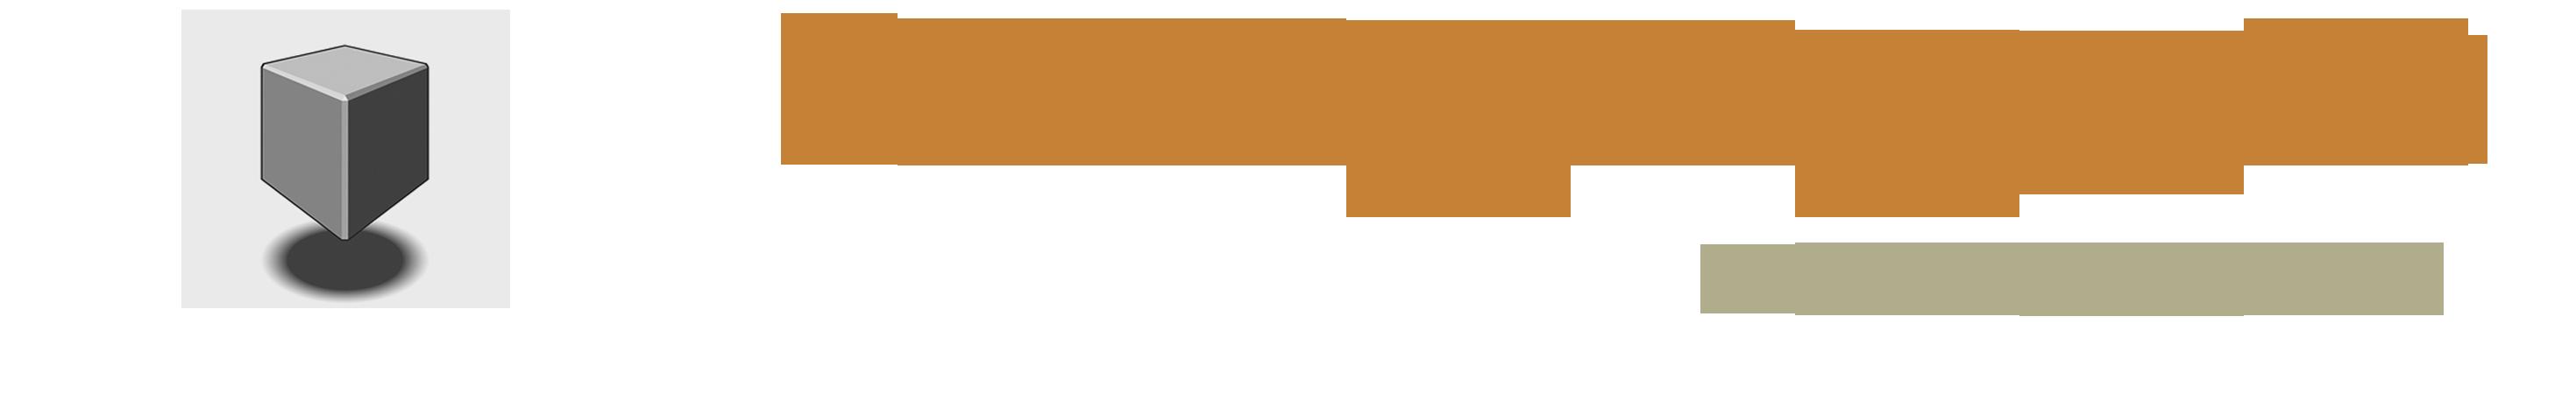 Andrzej Maciejewski – Klotzek Studio